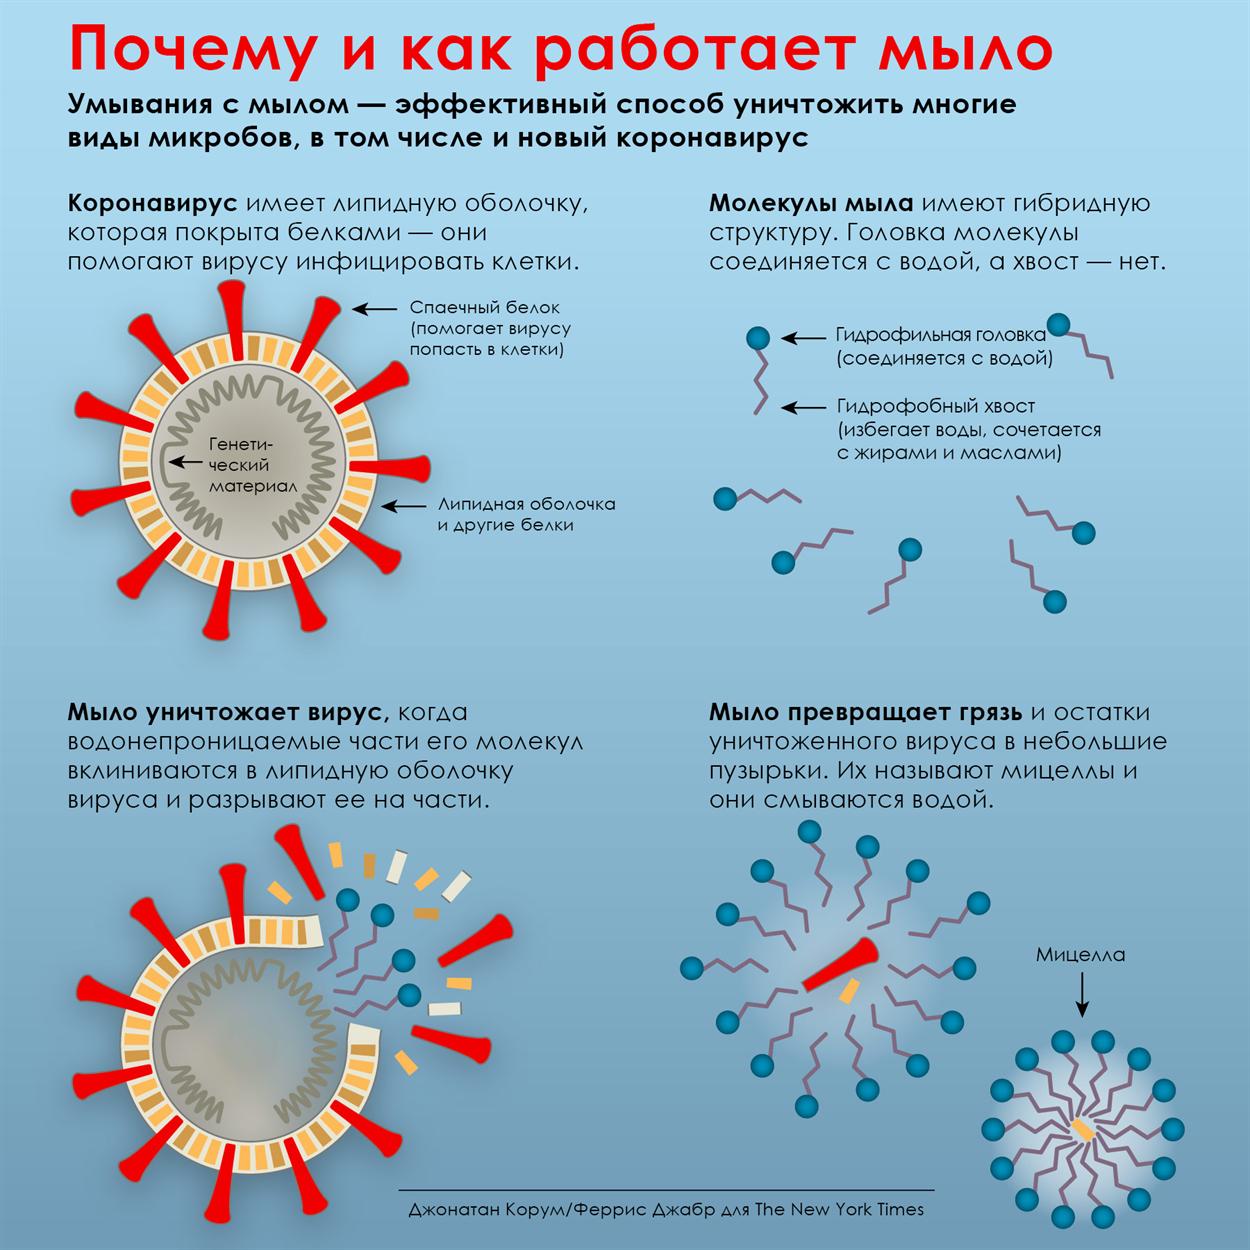 Почему мыло защищает от коронавируса